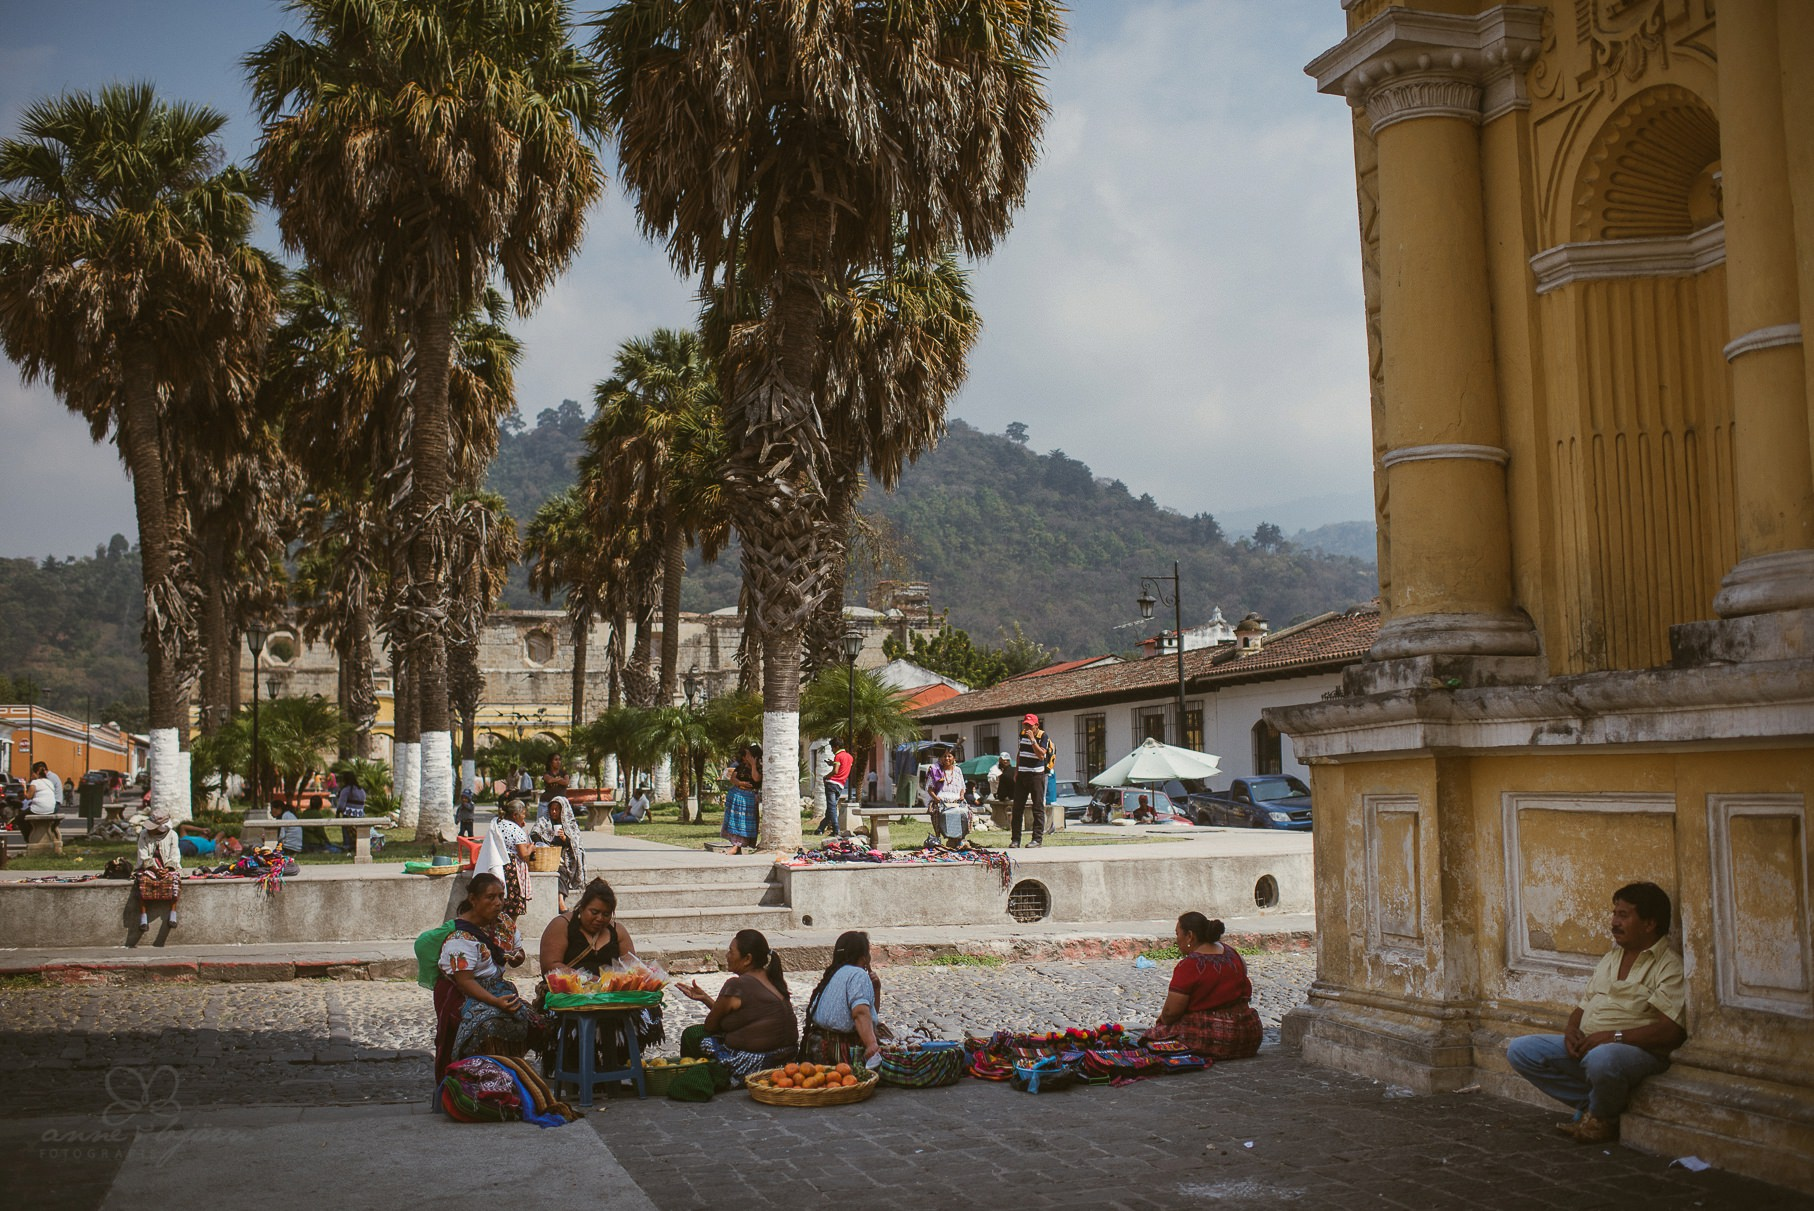 0008 anne und bjoern guatemala 811 2322 - 4 Wochen durch Guatemala - backpacking durch Mittelamerika